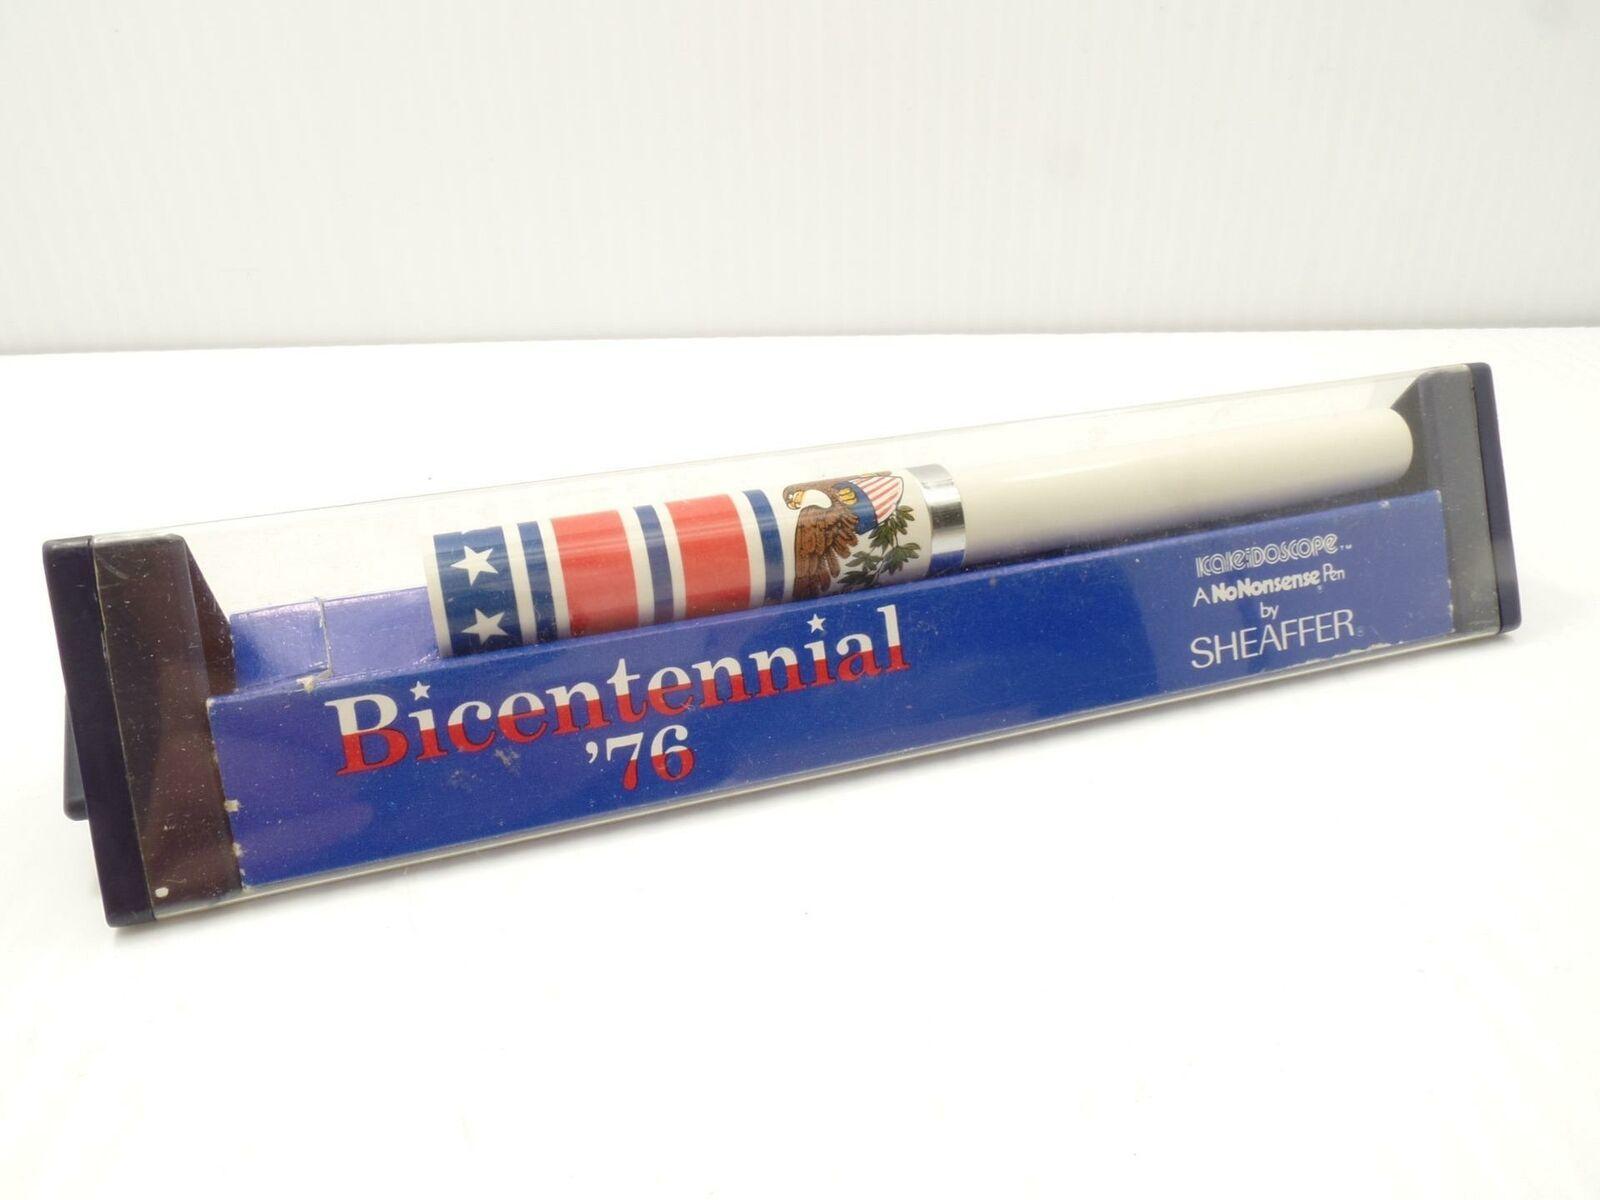 Sheaffer Kaleidoscope A No Nonsense Pen Bicentennial '76 USA Eagle Patriotic Vtg